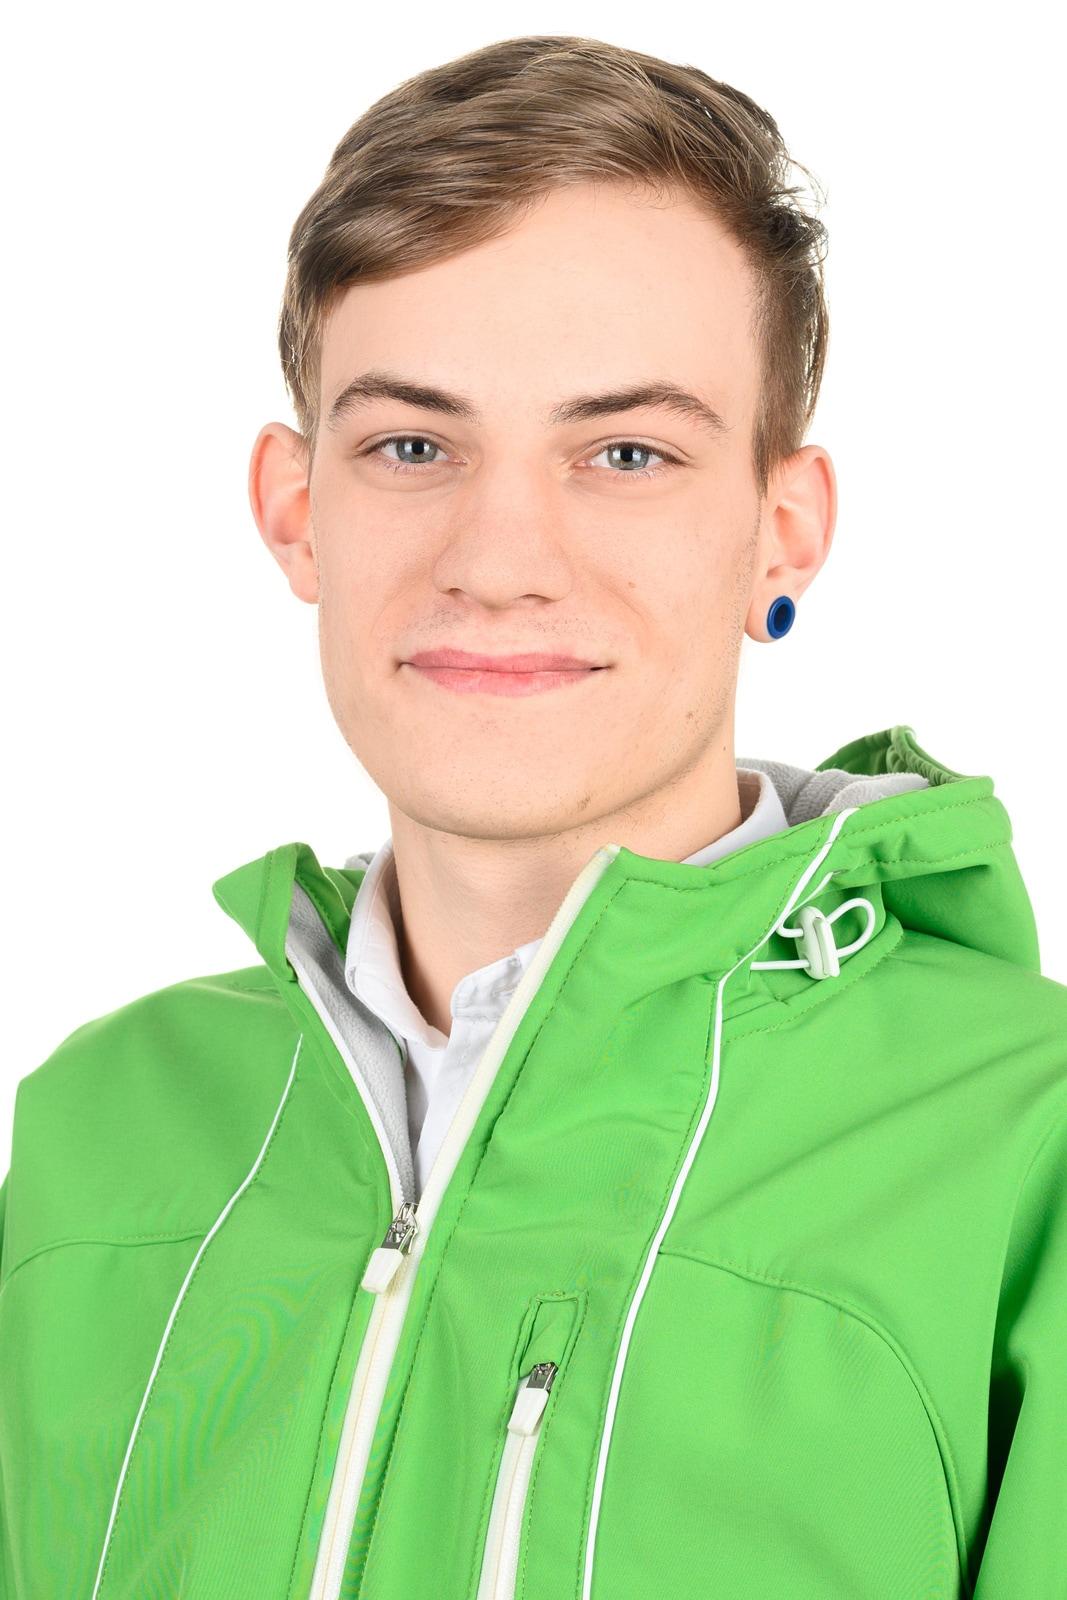 Tim Jack